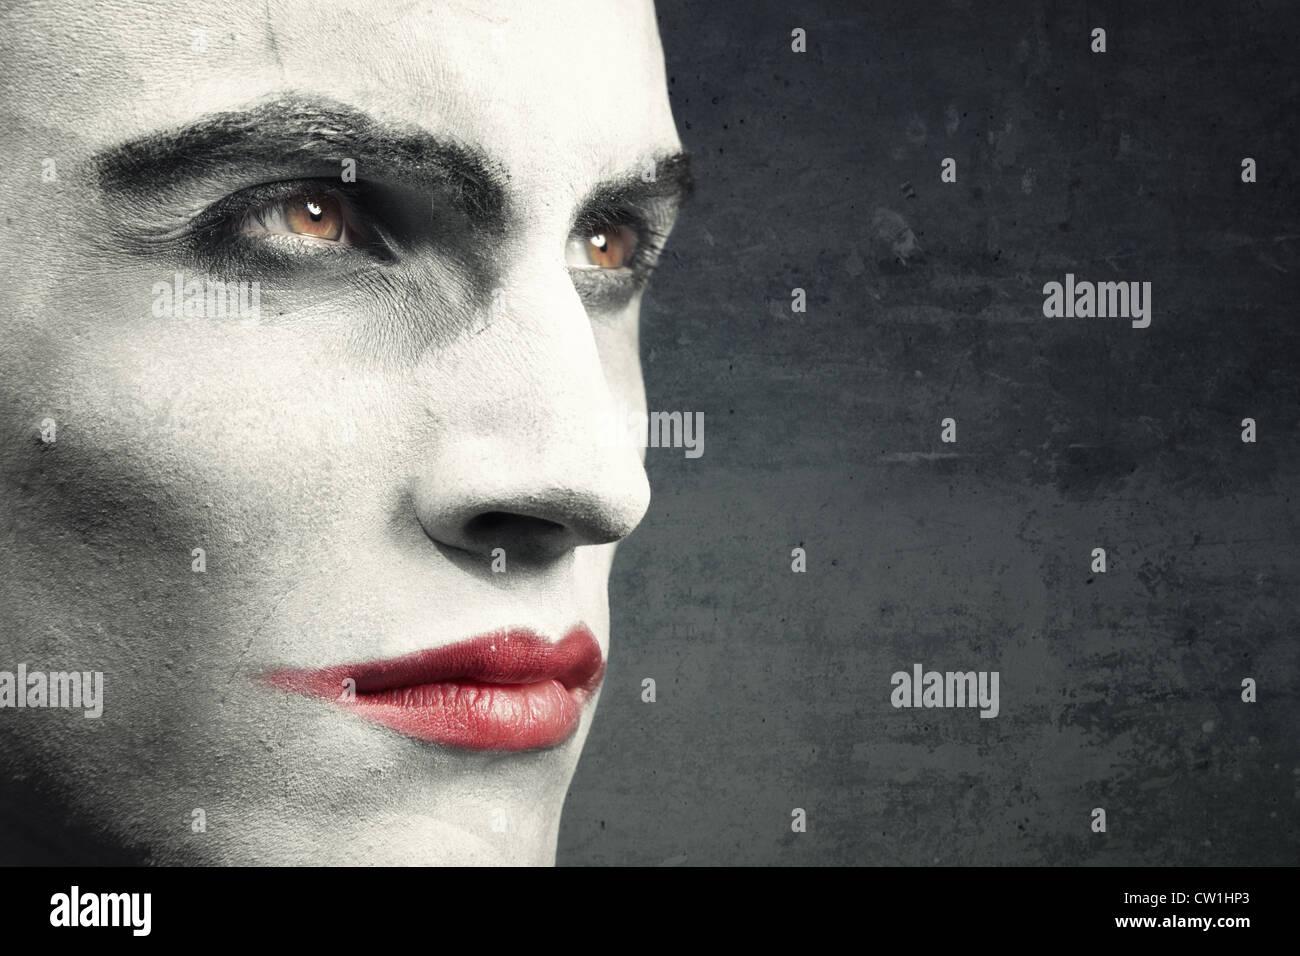 Uomo con vampiro trucco al buio su un grungy sfondo. Trucco naturale e lo sfondo. Il testo può essere aggiunto Immagini Stock